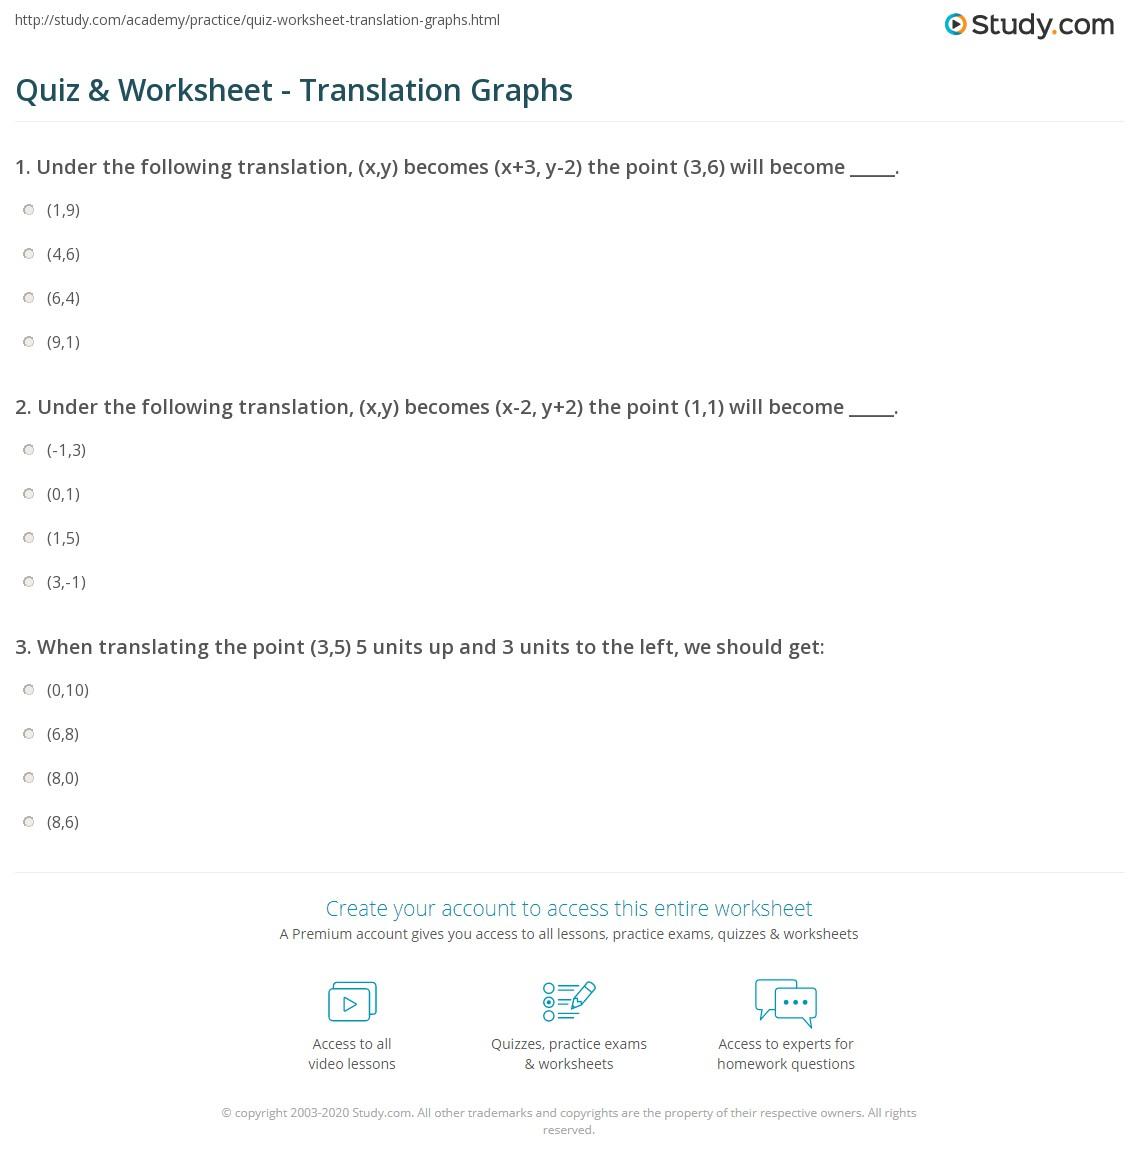 Worksheets Translations Worksheet quiz worksheet translation graphs study com print graphing translations finding a set of coordinates worksheet